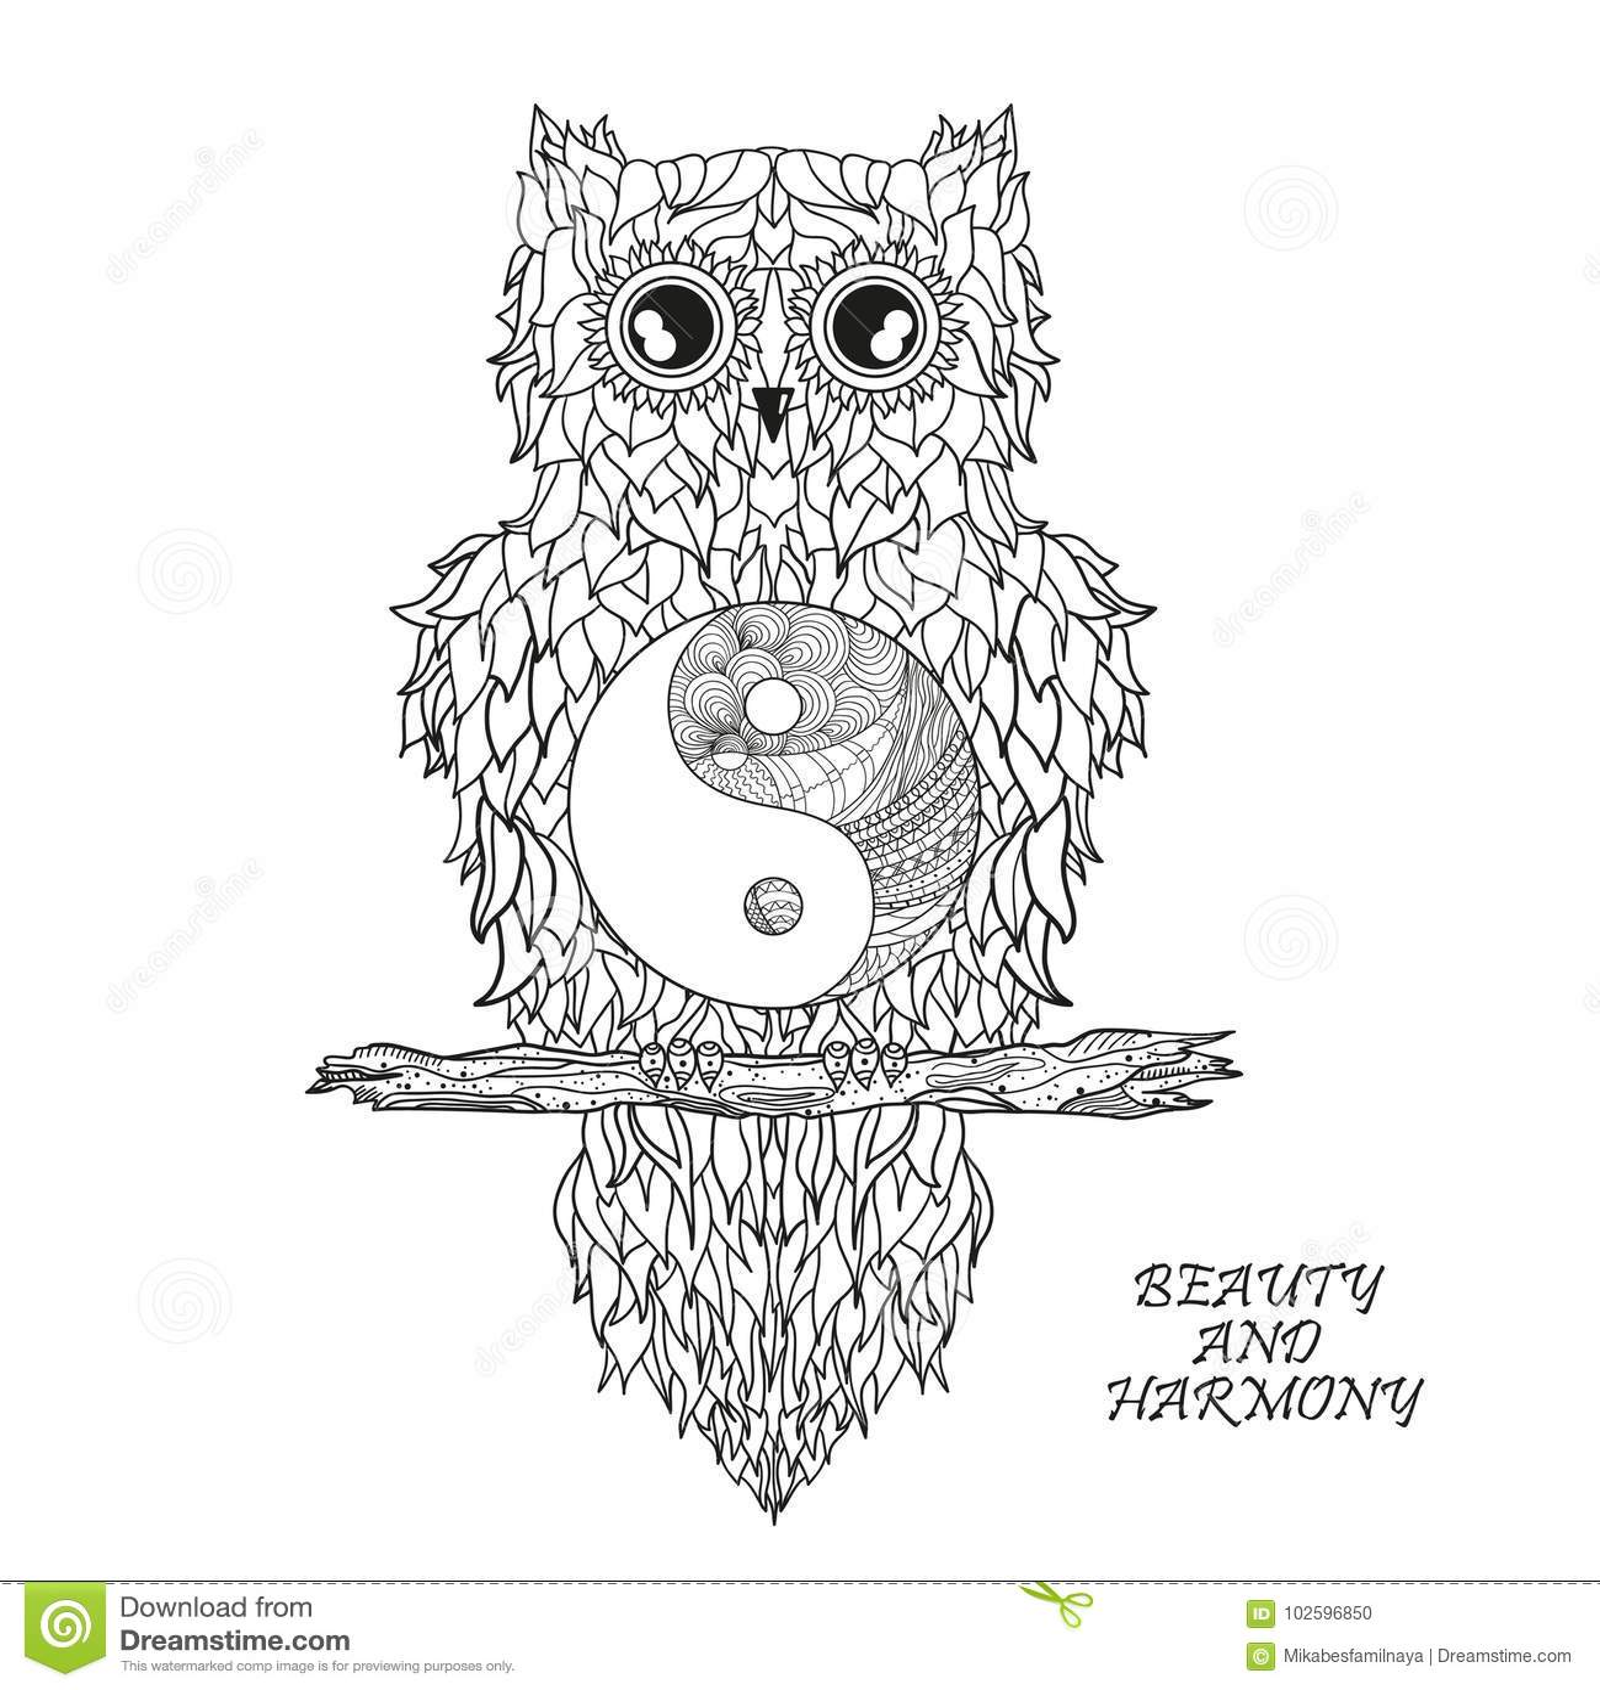 Creative Yin Yang Drawings